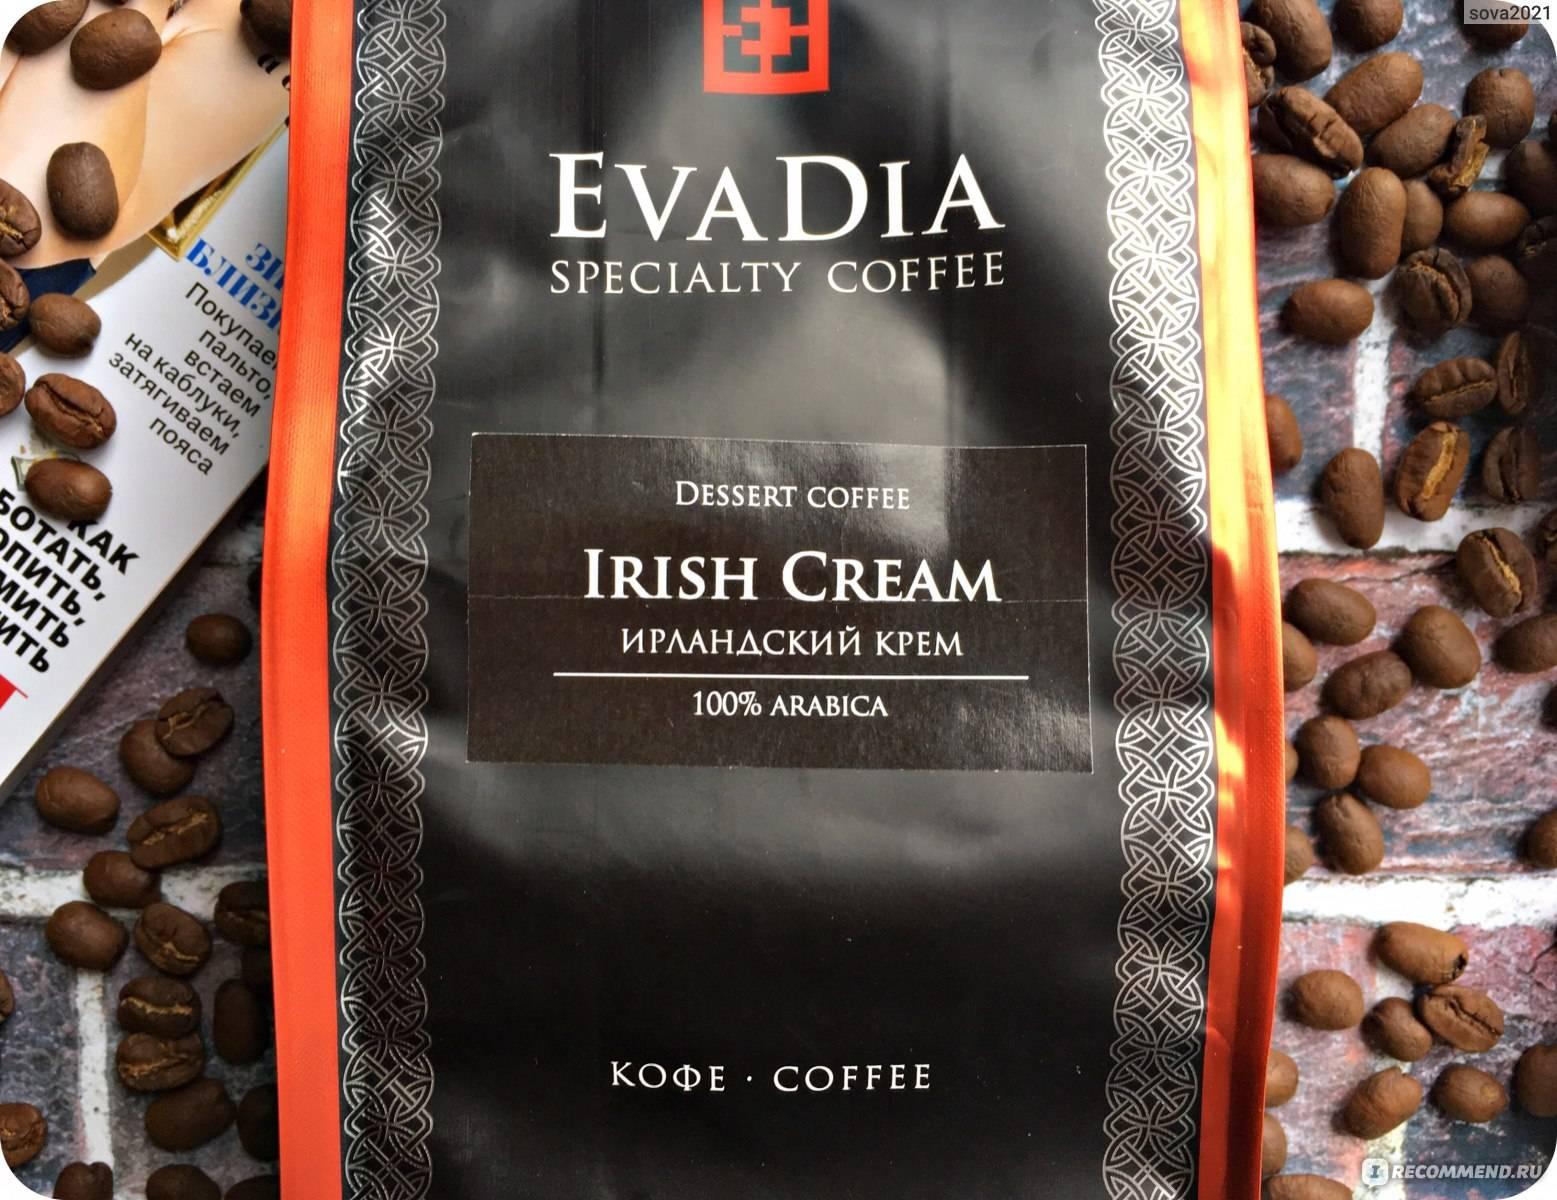 Кофе марагоджип: описание сорта, вкус, виды, особенности